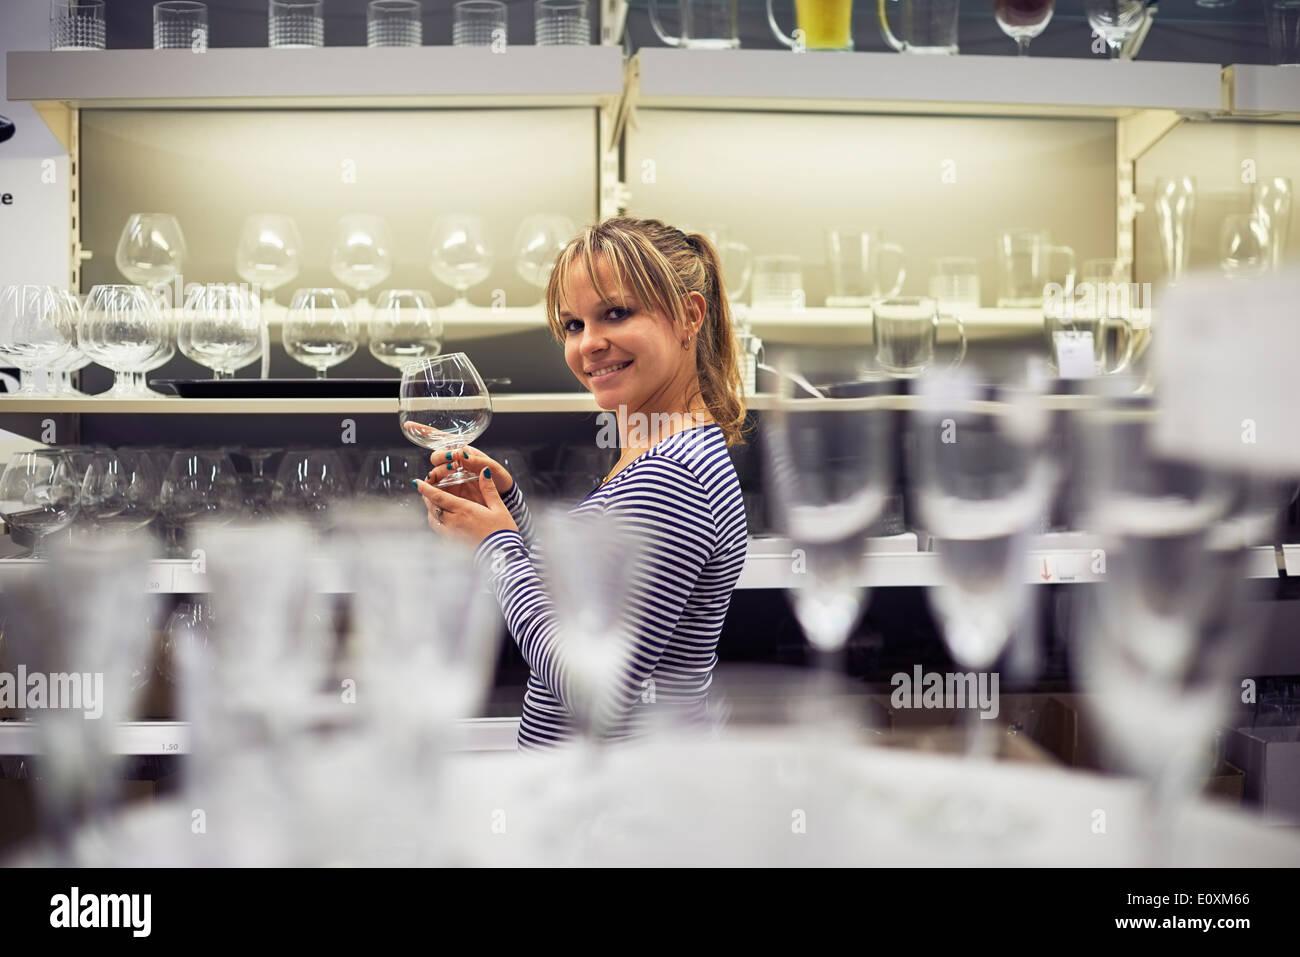 Young hispanic woman shopping pour les meubles, verres, vaisselle et décoration en magasin Photo Stock